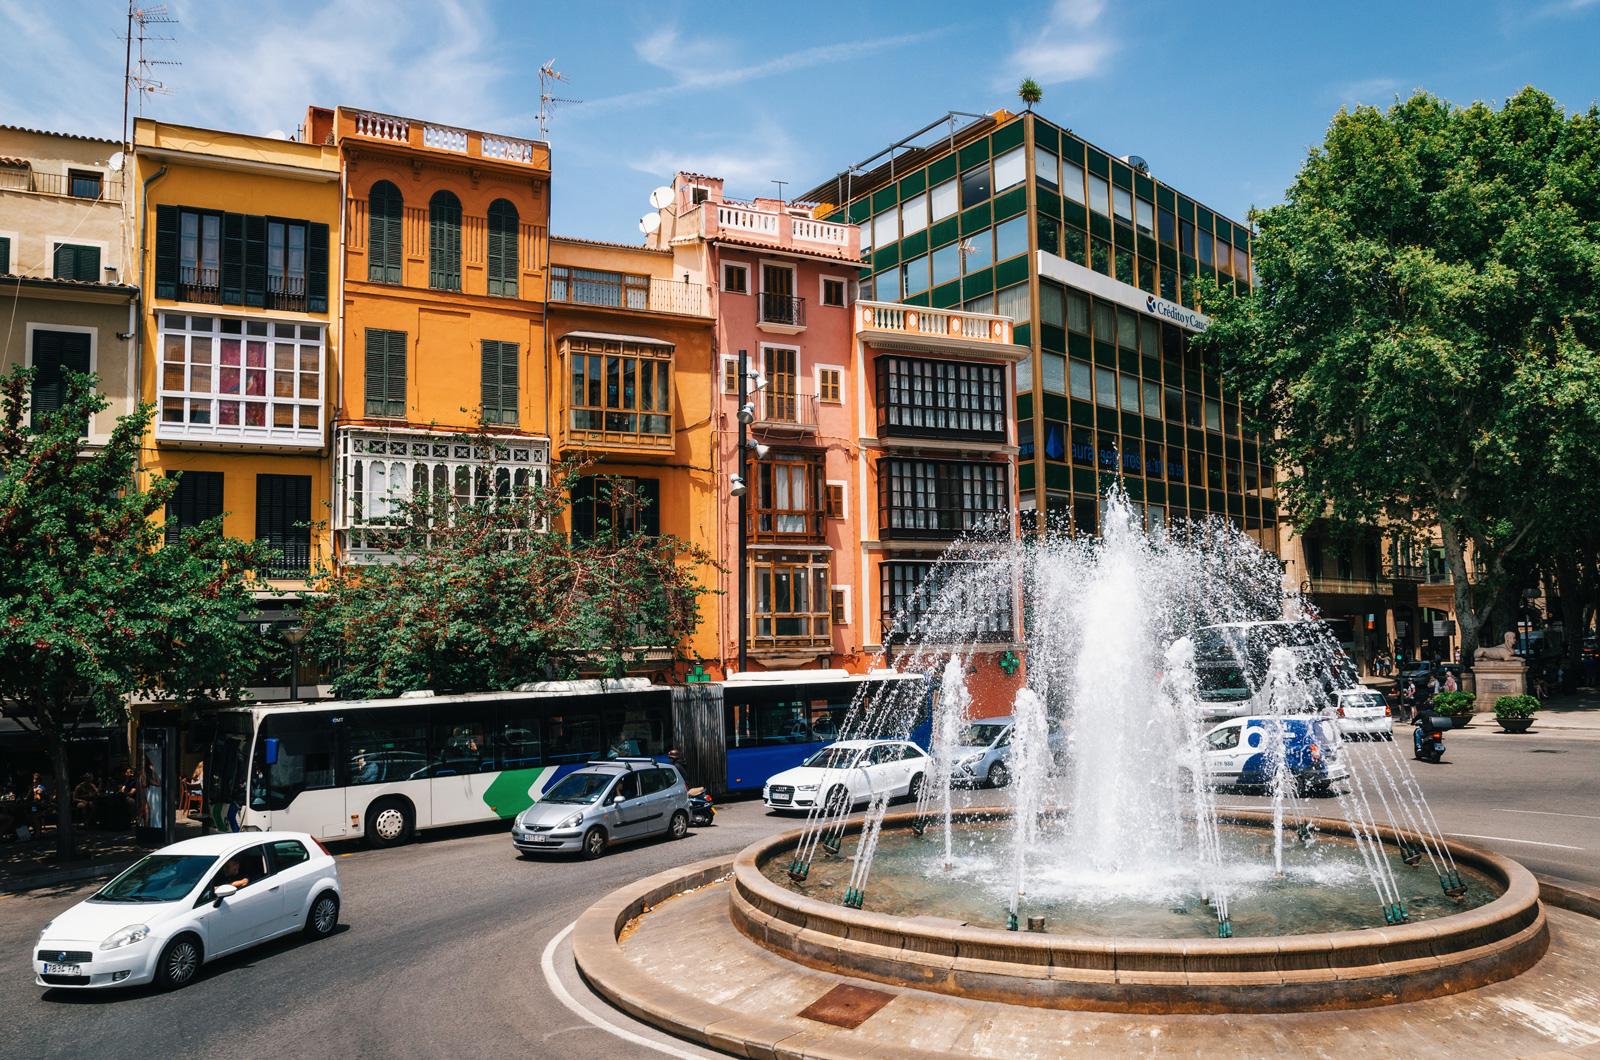 Площадь де ла Рейна, Пальма де Майорка